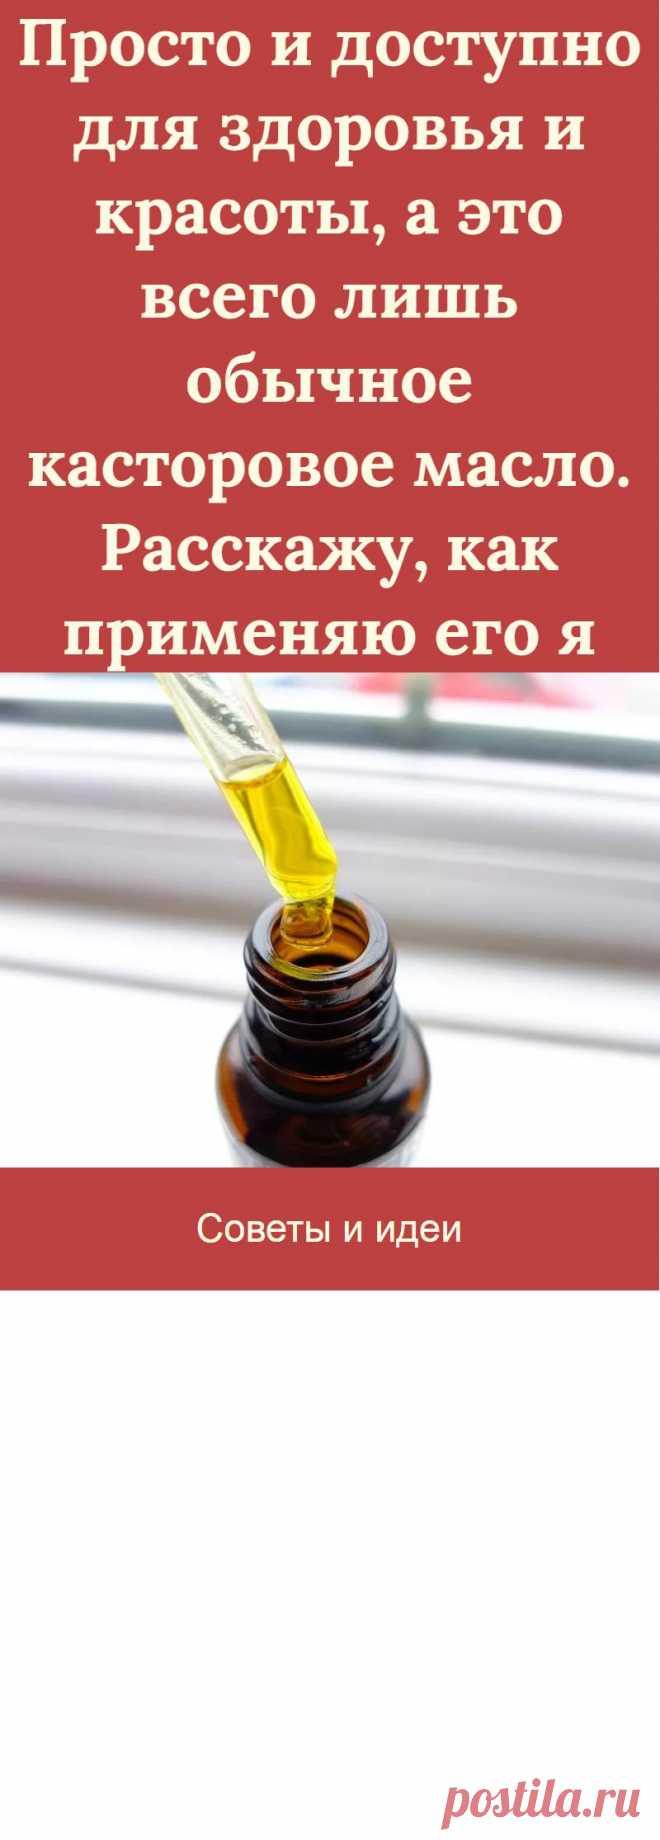 Просто и доступно для здоровья и красоты, а это всего лишь обычное касторовое масло. Расскажу, как применяю его я